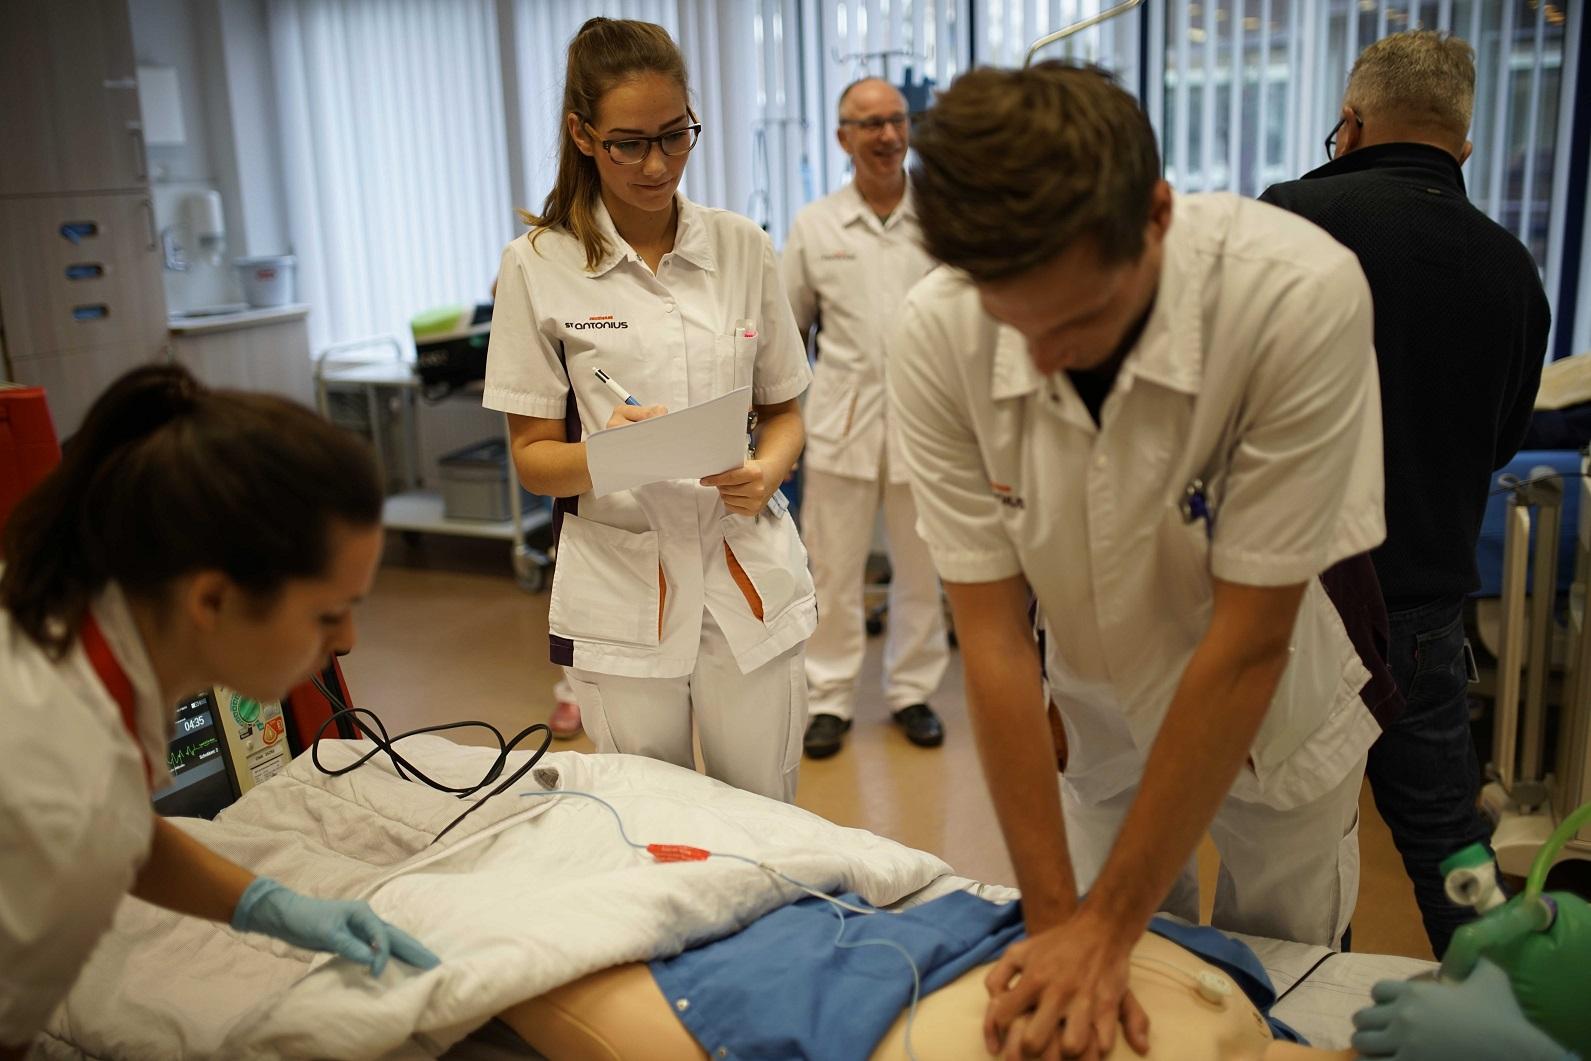 leerling verpleegkunidge oefent reanimatie, andere leerlingen kijken toe